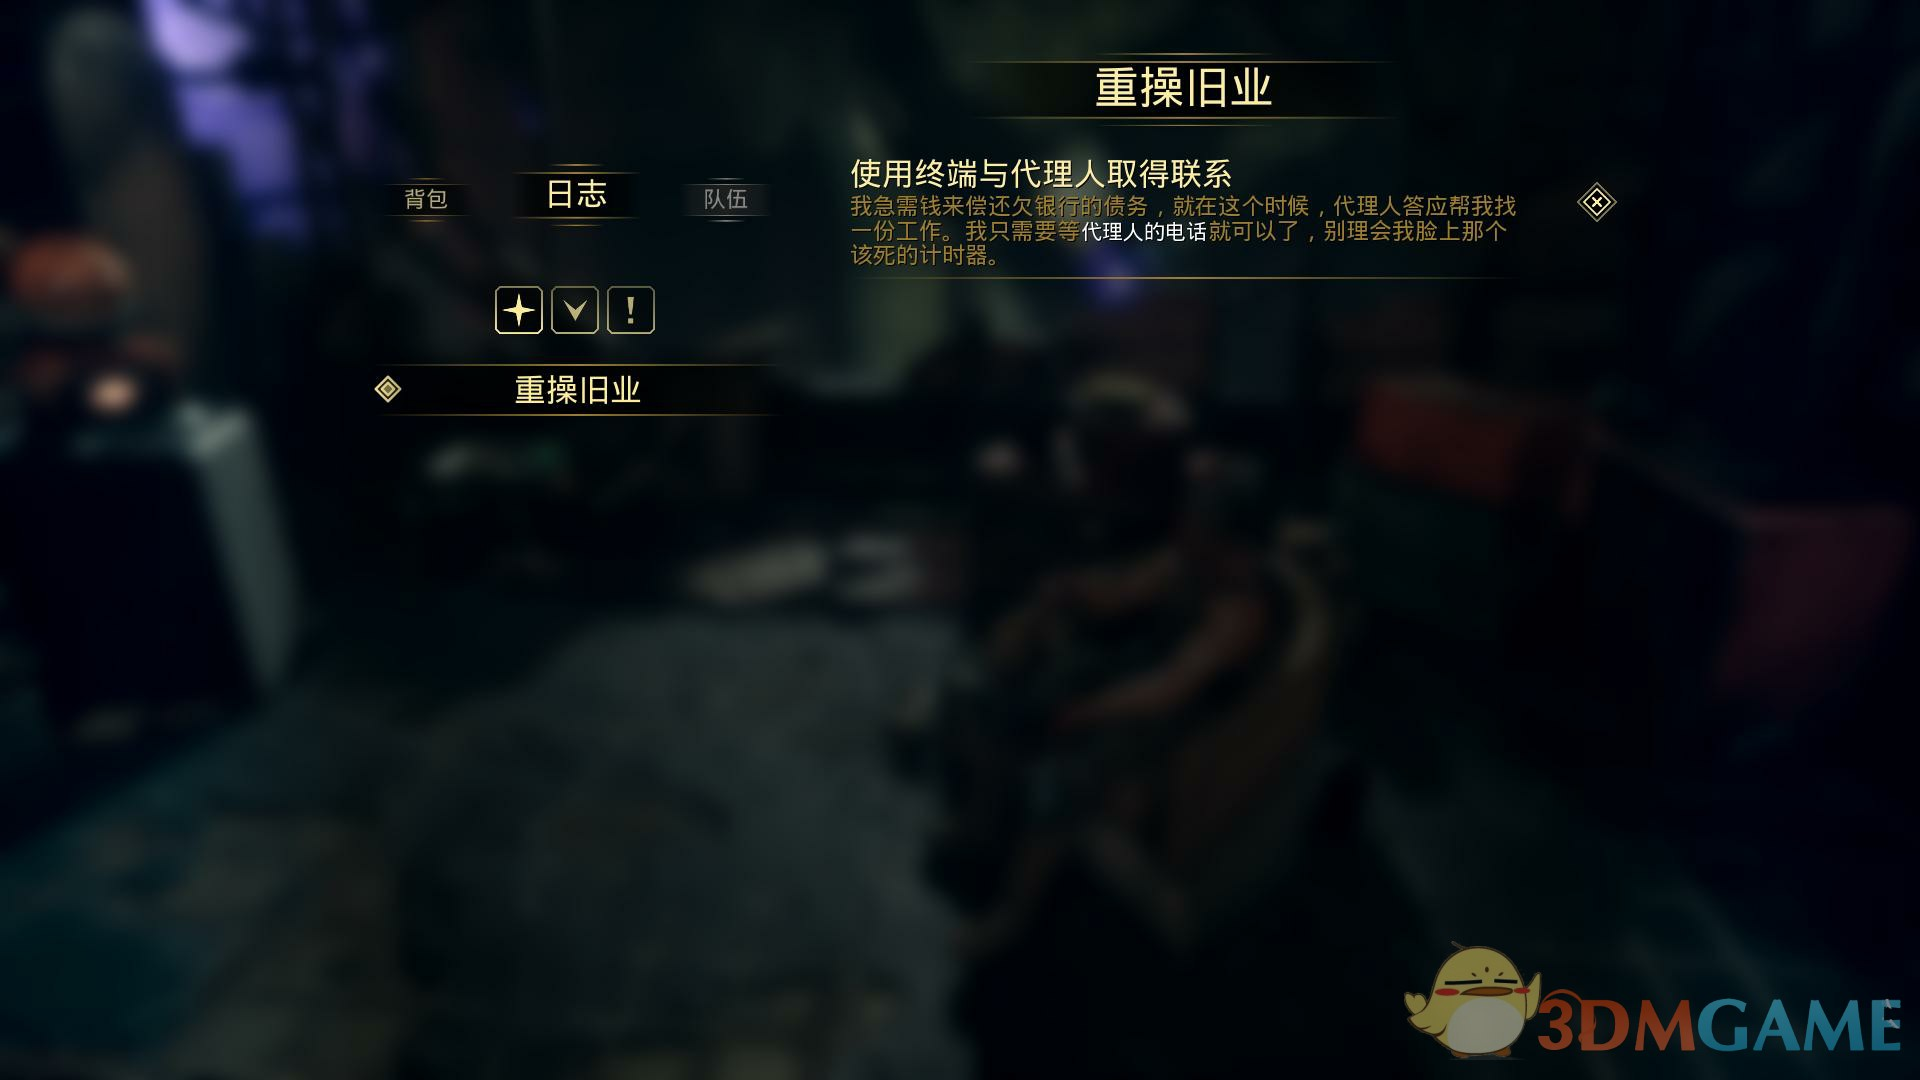 科幻RPG来袭 3DM汉化组《失眠:方舟》汉化下载